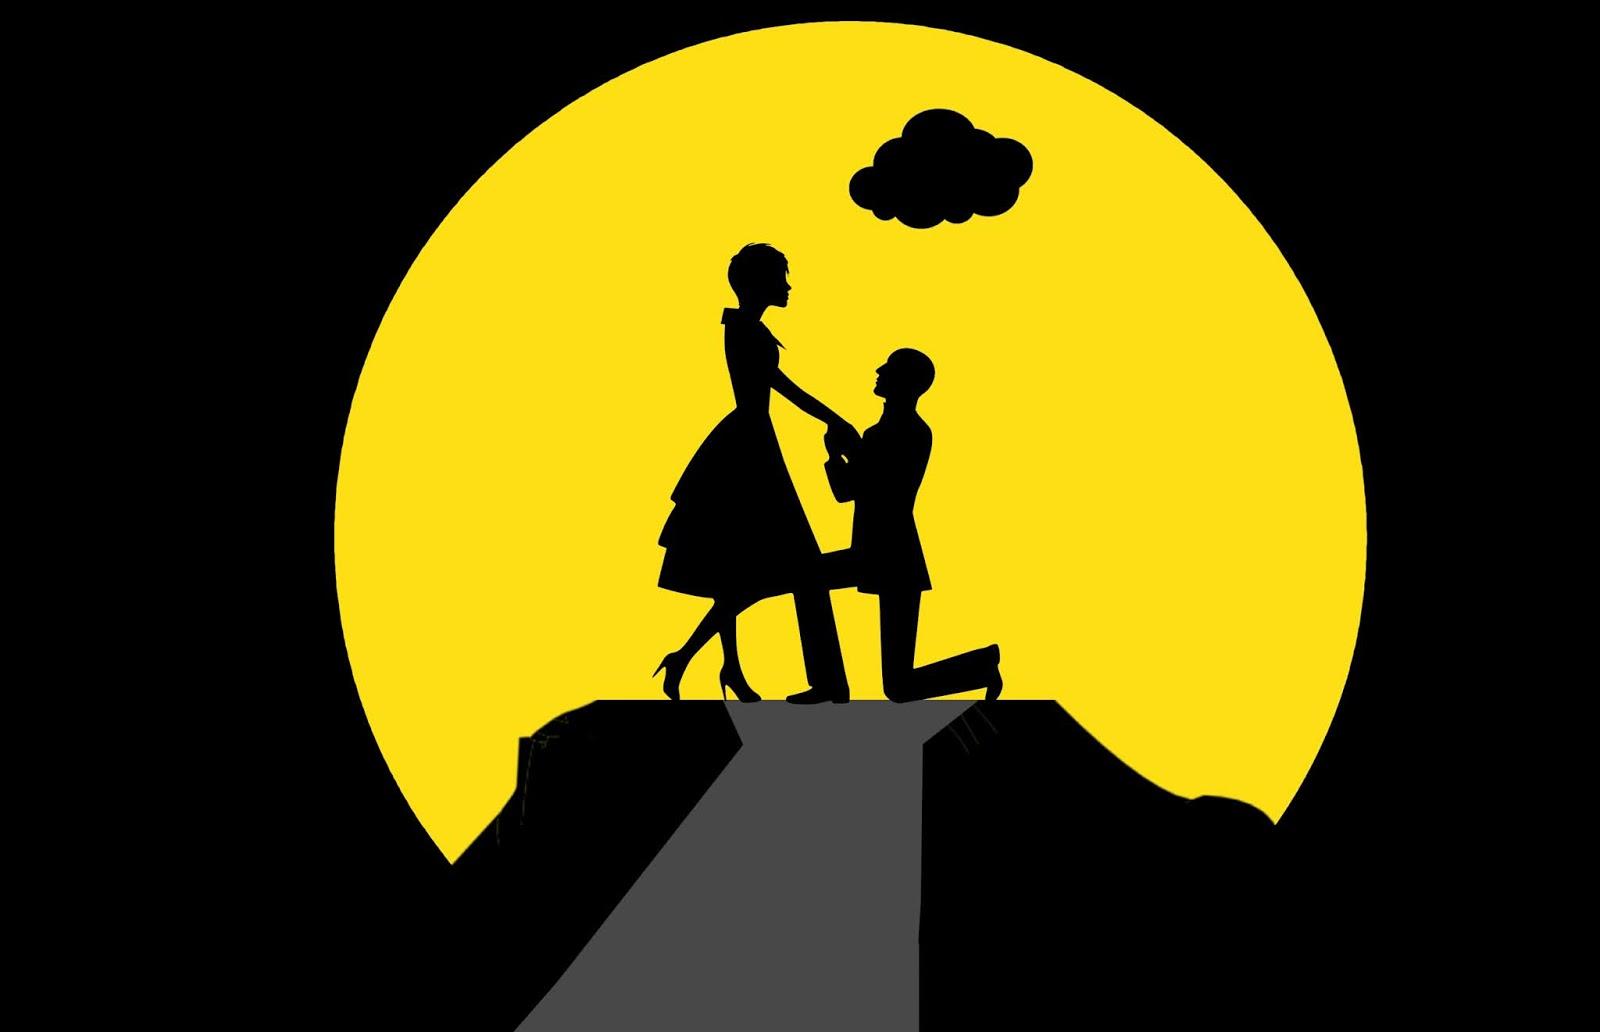 love Couple Silhouette design